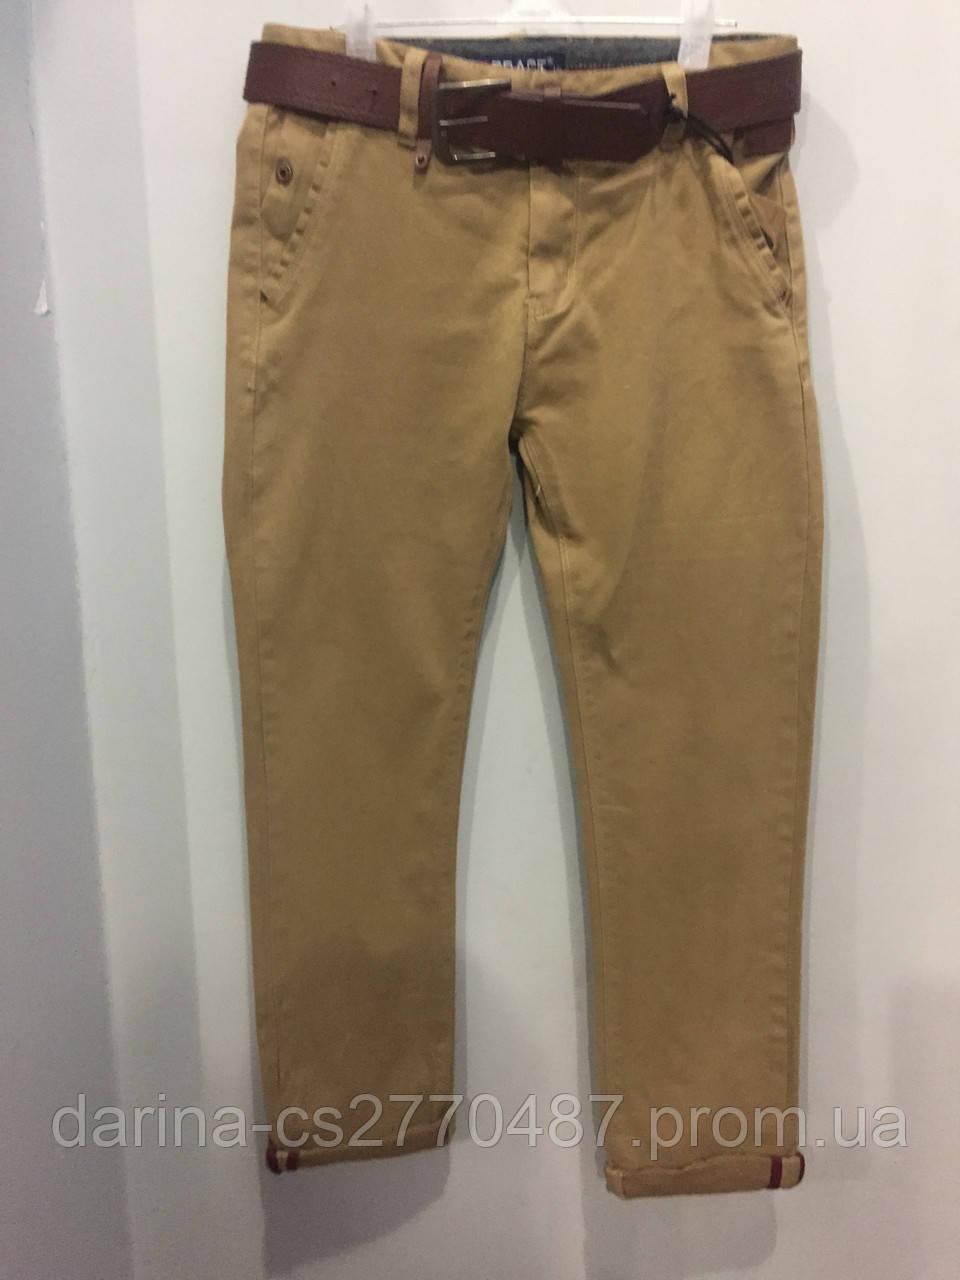 Подростковые коттоновые брюки 134,164 см